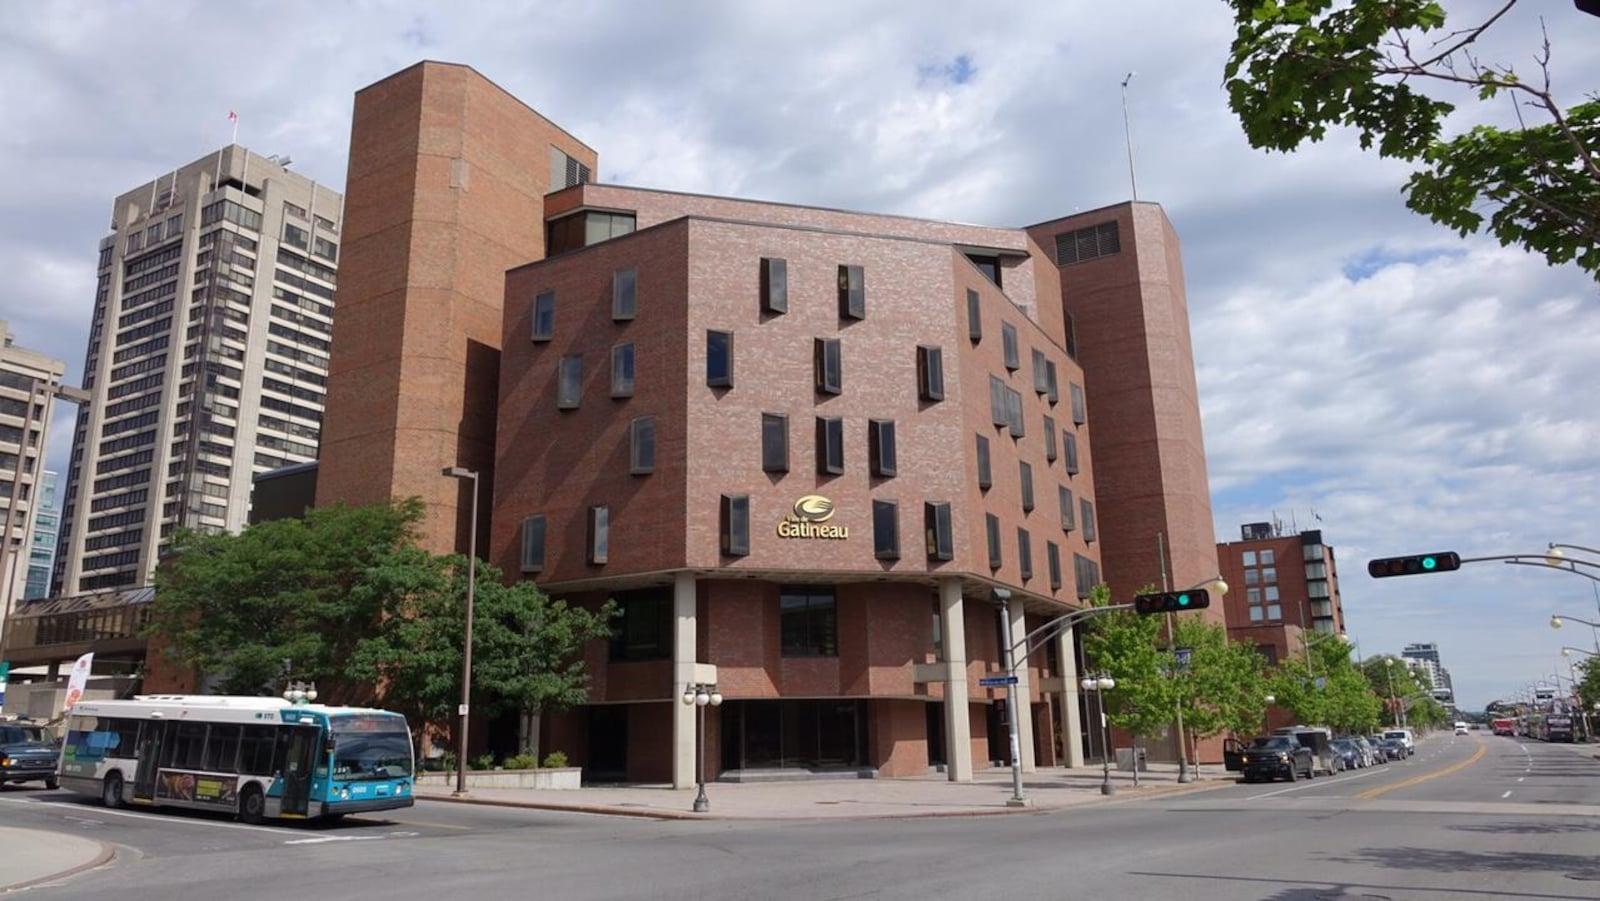 L'édifice de brique de la Maison du citoyen